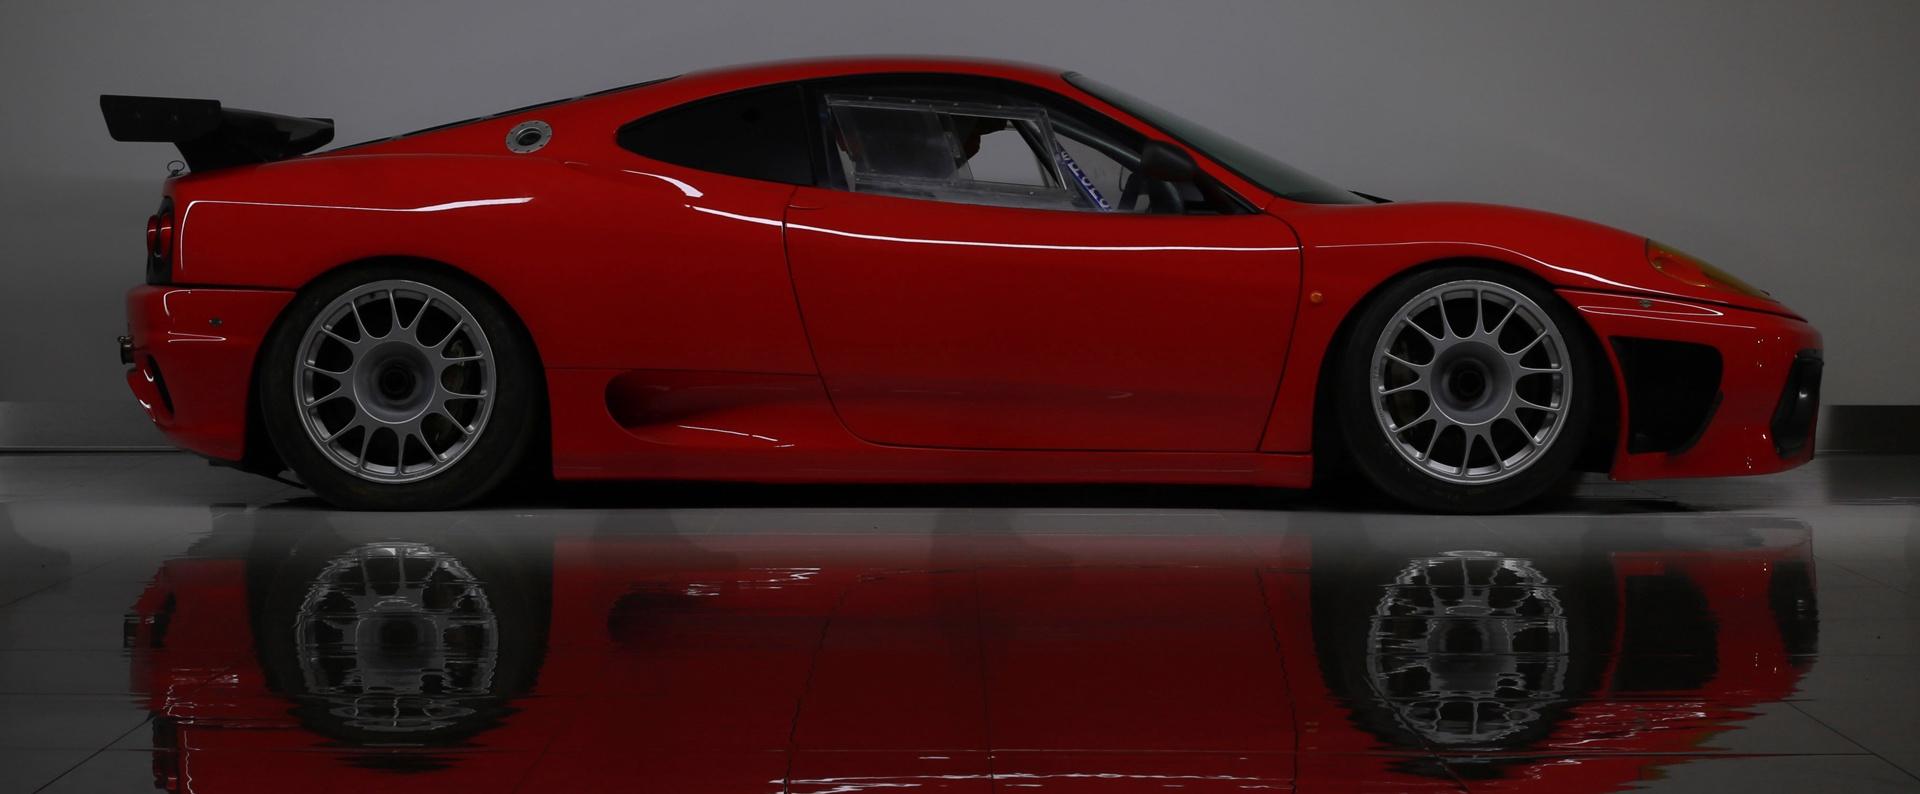 Used 2001 Ferrari 360 Challenge Challenge Michelotto | Miami, FL